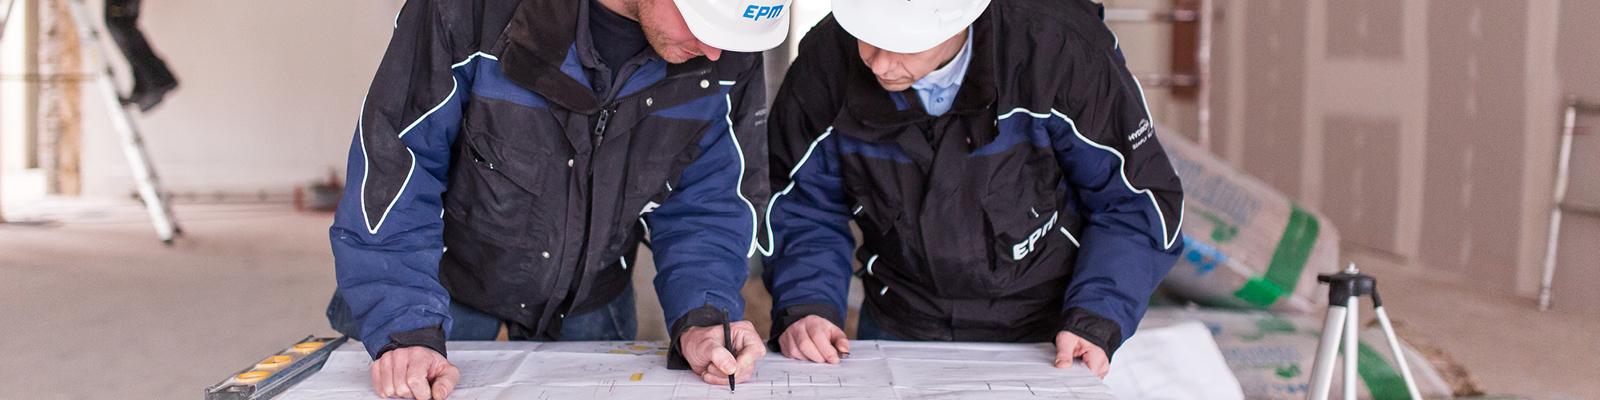 Elektrotechnisch installatieinstallateur EPM